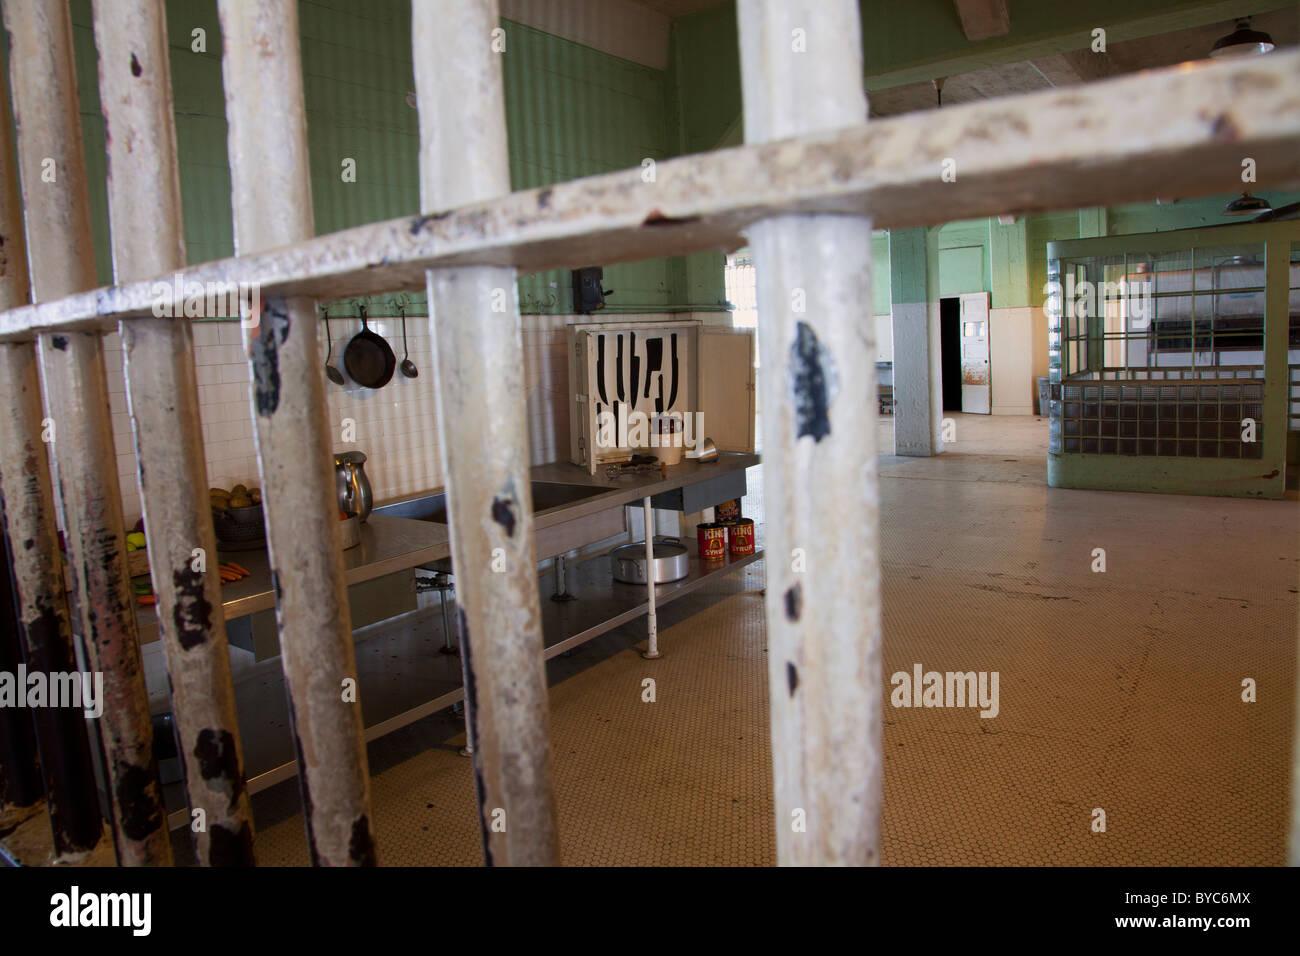 À l'intérieur Coin cuisine chambre cellule à Alcatraz, San Francisco, CA Photo Stock